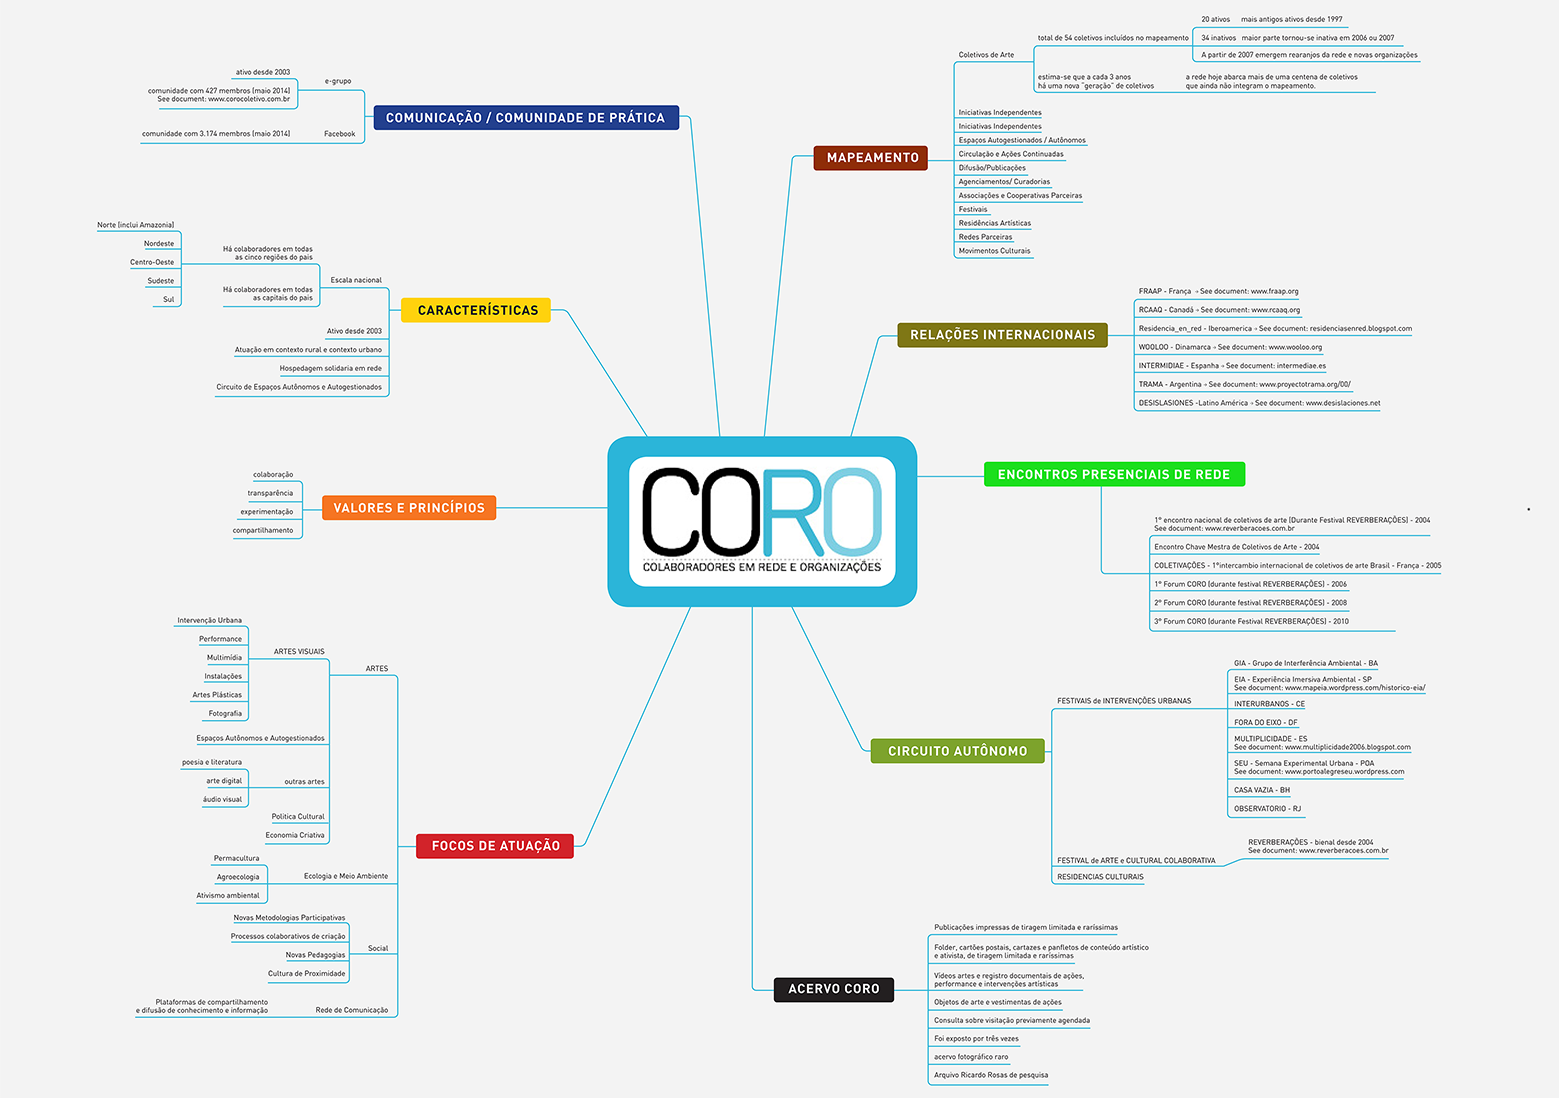 CORO - coletivos em redes e ocupações